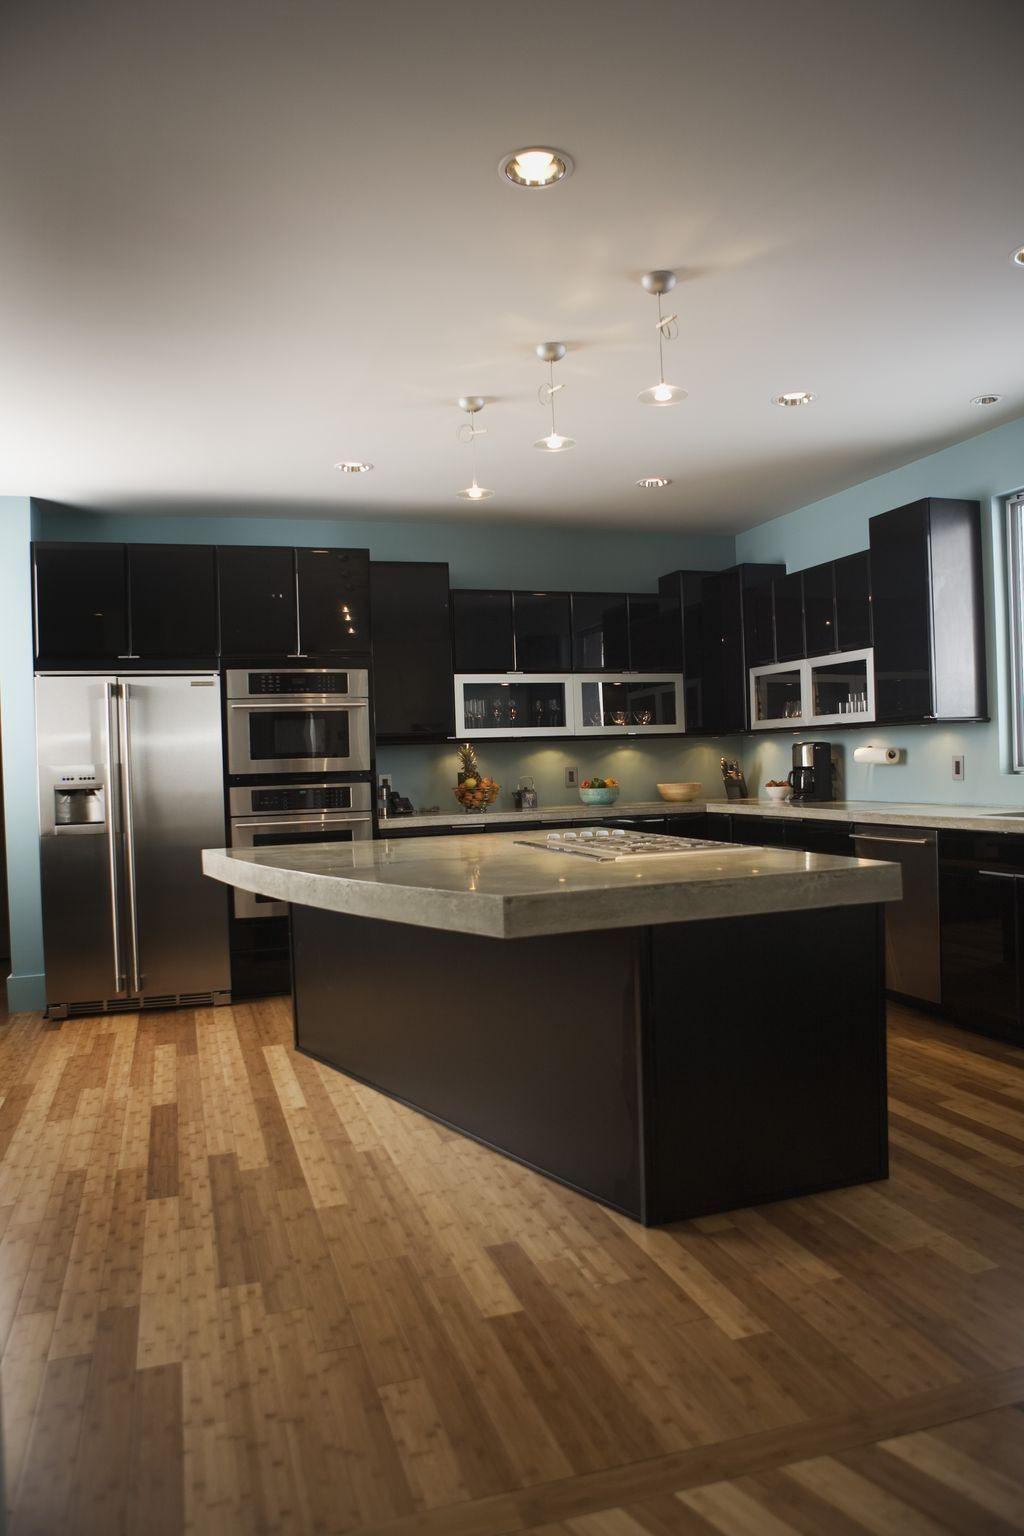 Popular Kitchen Color Scheme Ideas For Dark Cabinets 19 ...